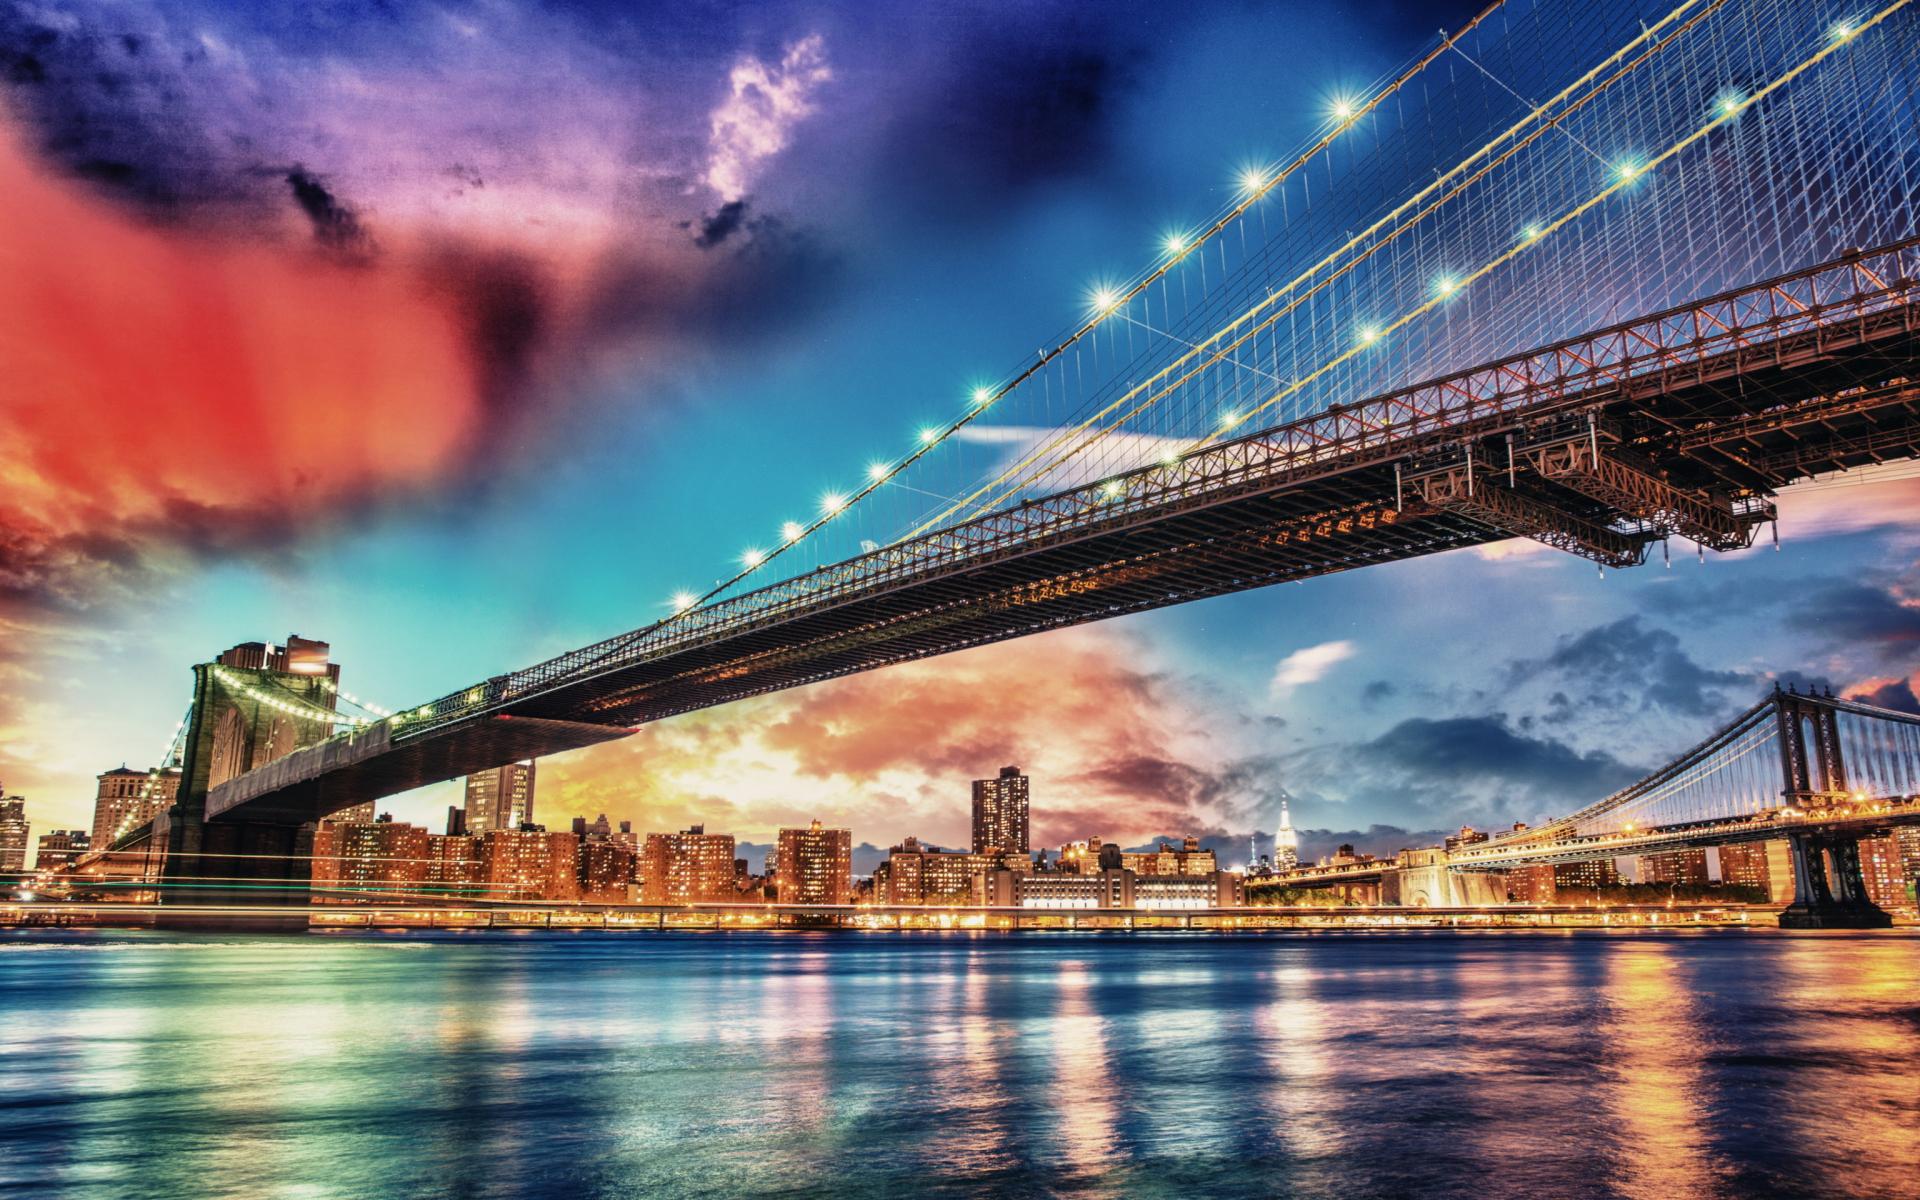 New york fondos de pantalla gratis para widescreen for Fondos de escritorio hd